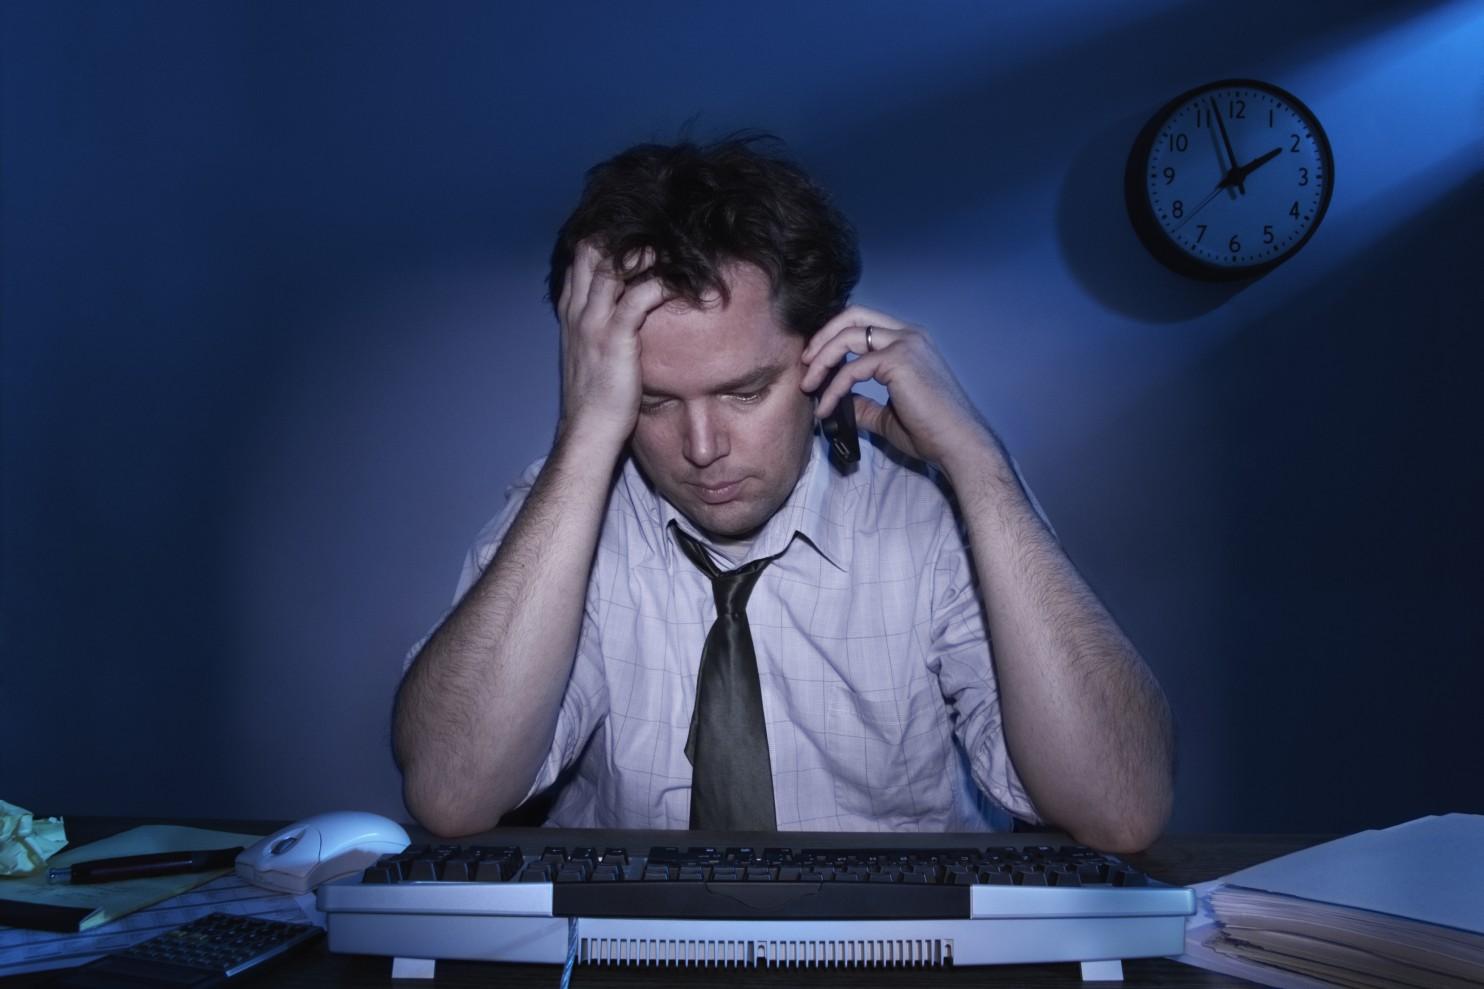 man-working-at-night